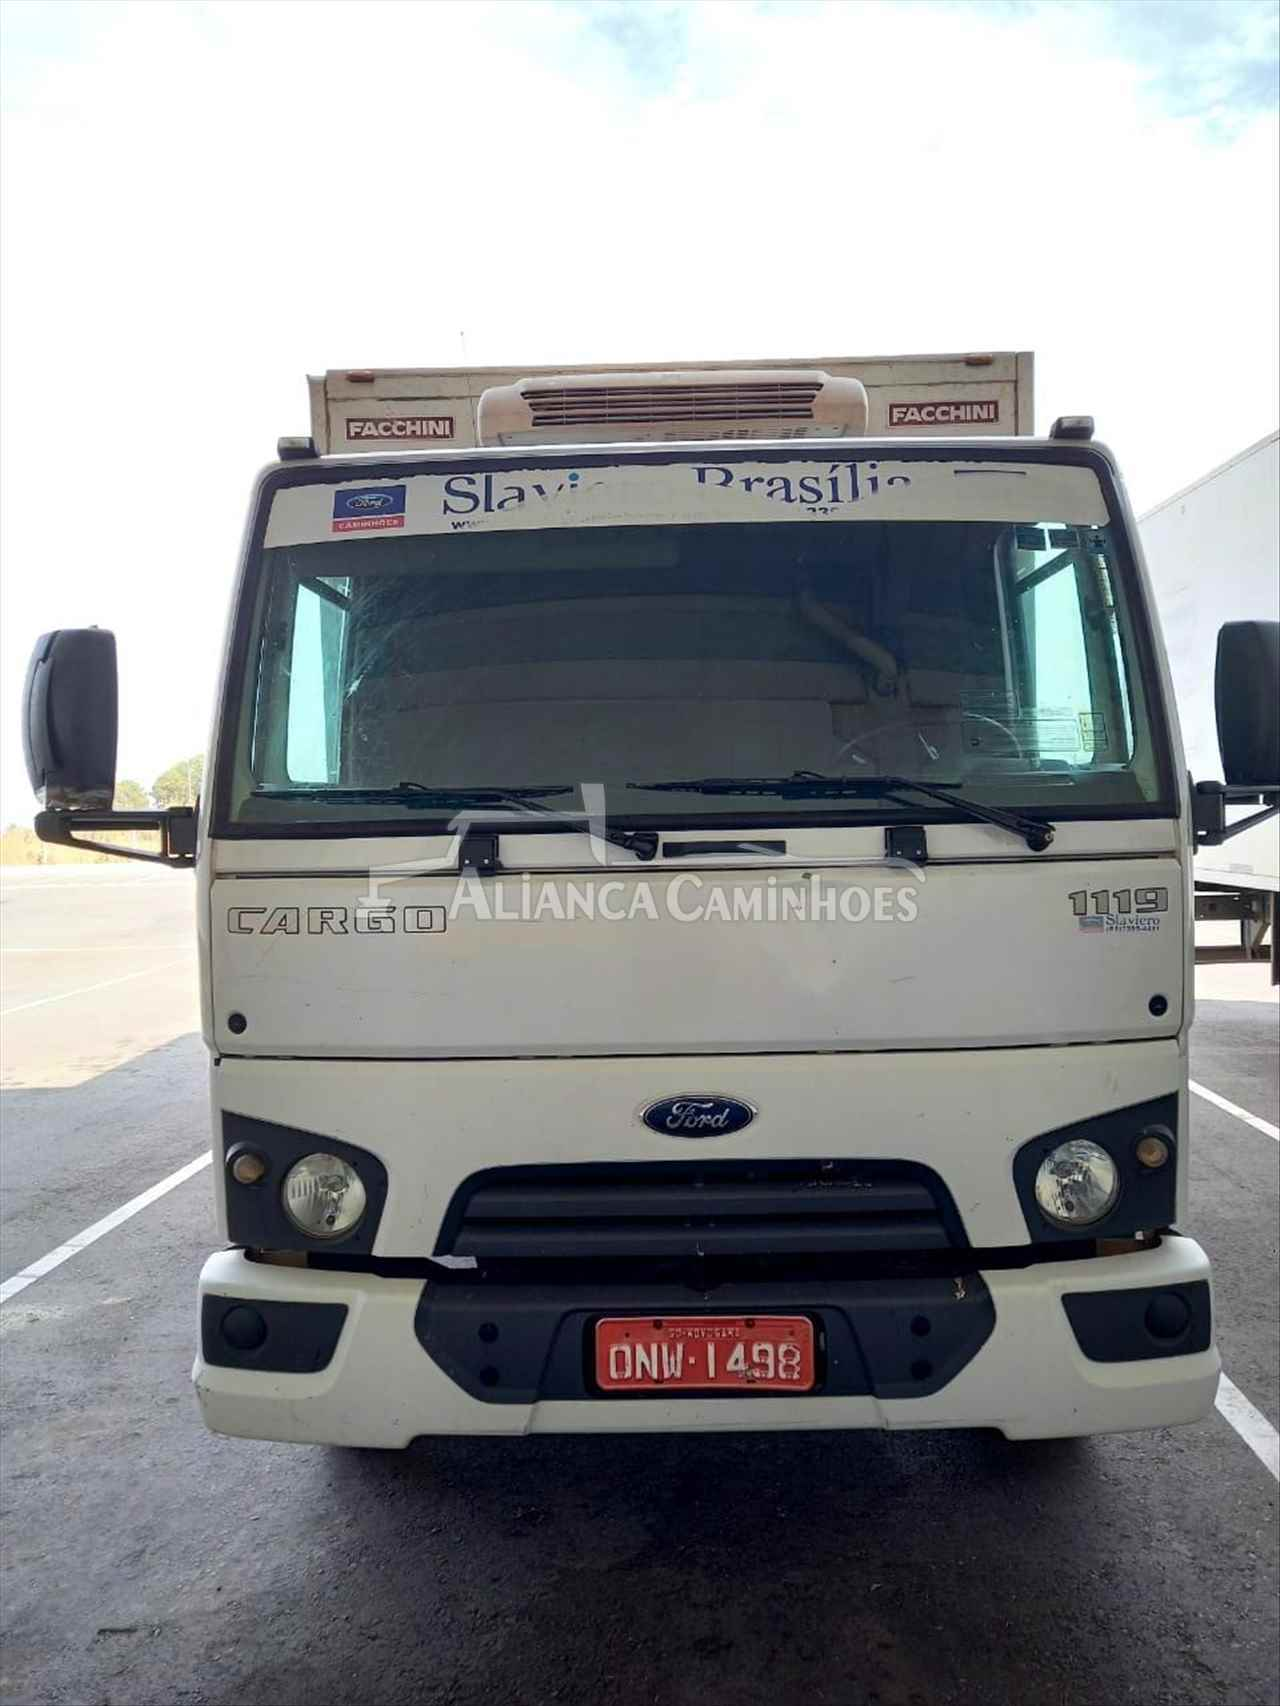 CARGO 1119 de Aliança Caminhões - LUIS EDUARDO MAGALHAES/BA